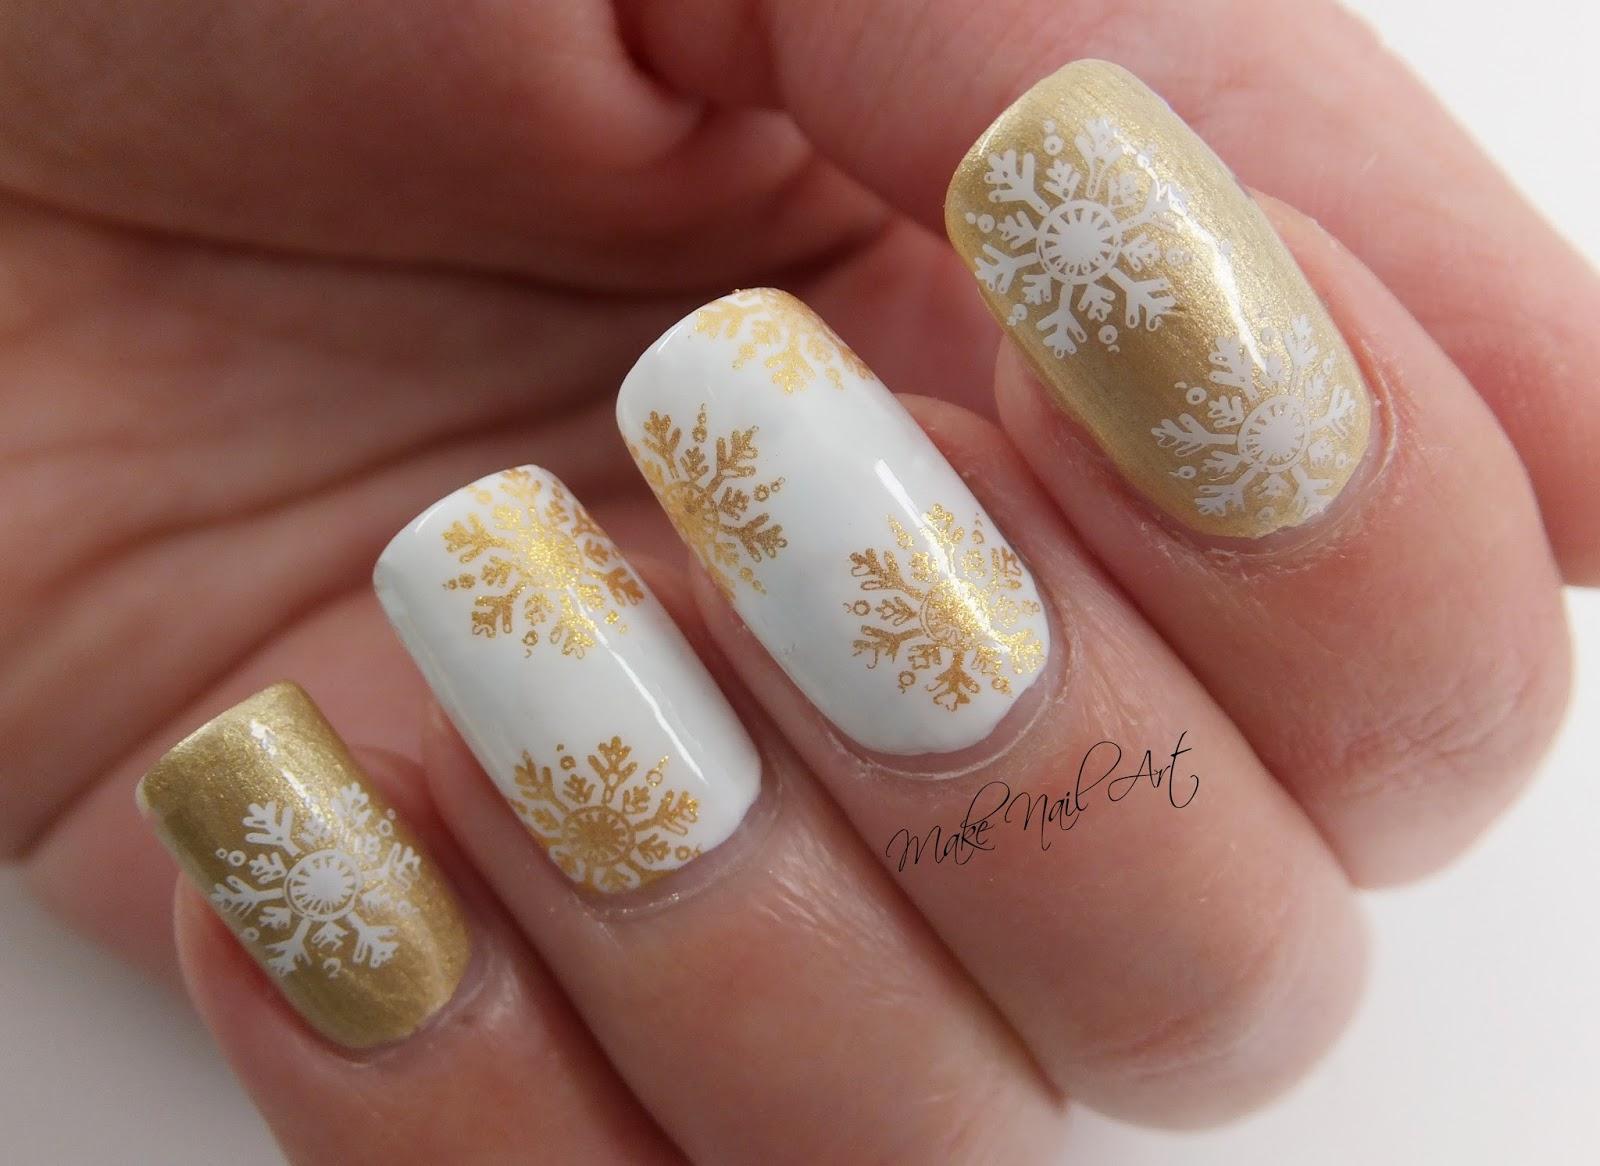 Make Nail Art: White And Gold Stamping Snowflakes Nail Art Design ...